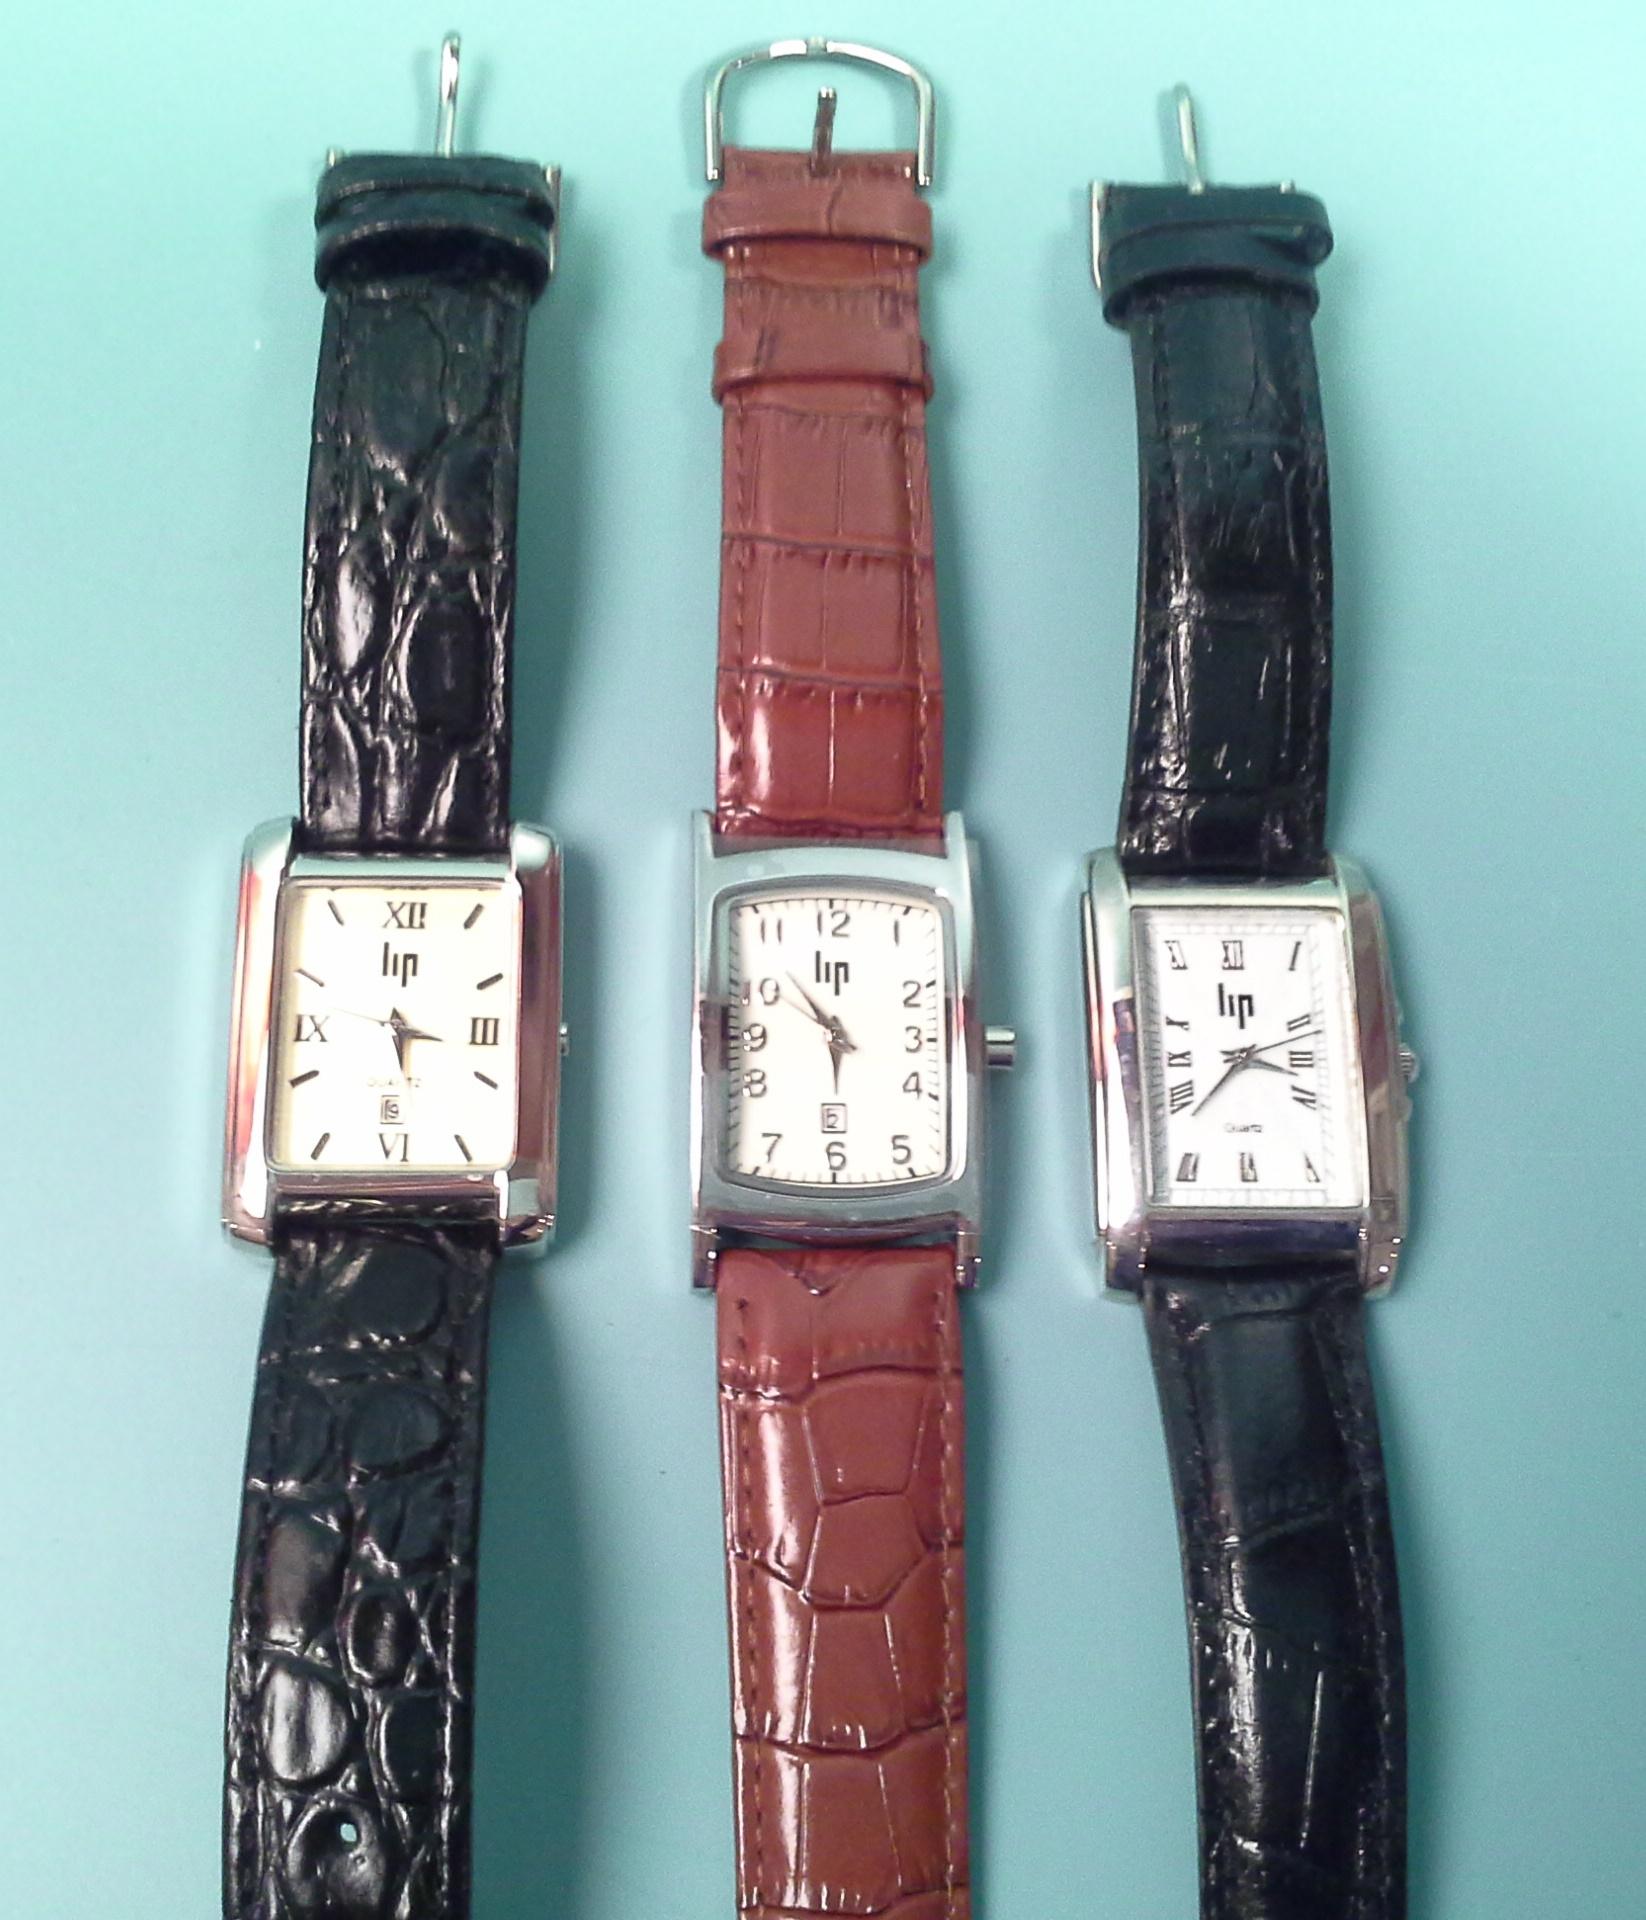 lip trois montres d homme de ville rectangulaires en acier bracelet cuir mouvement quartz. Black Bedroom Furniture Sets. Home Design Ideas